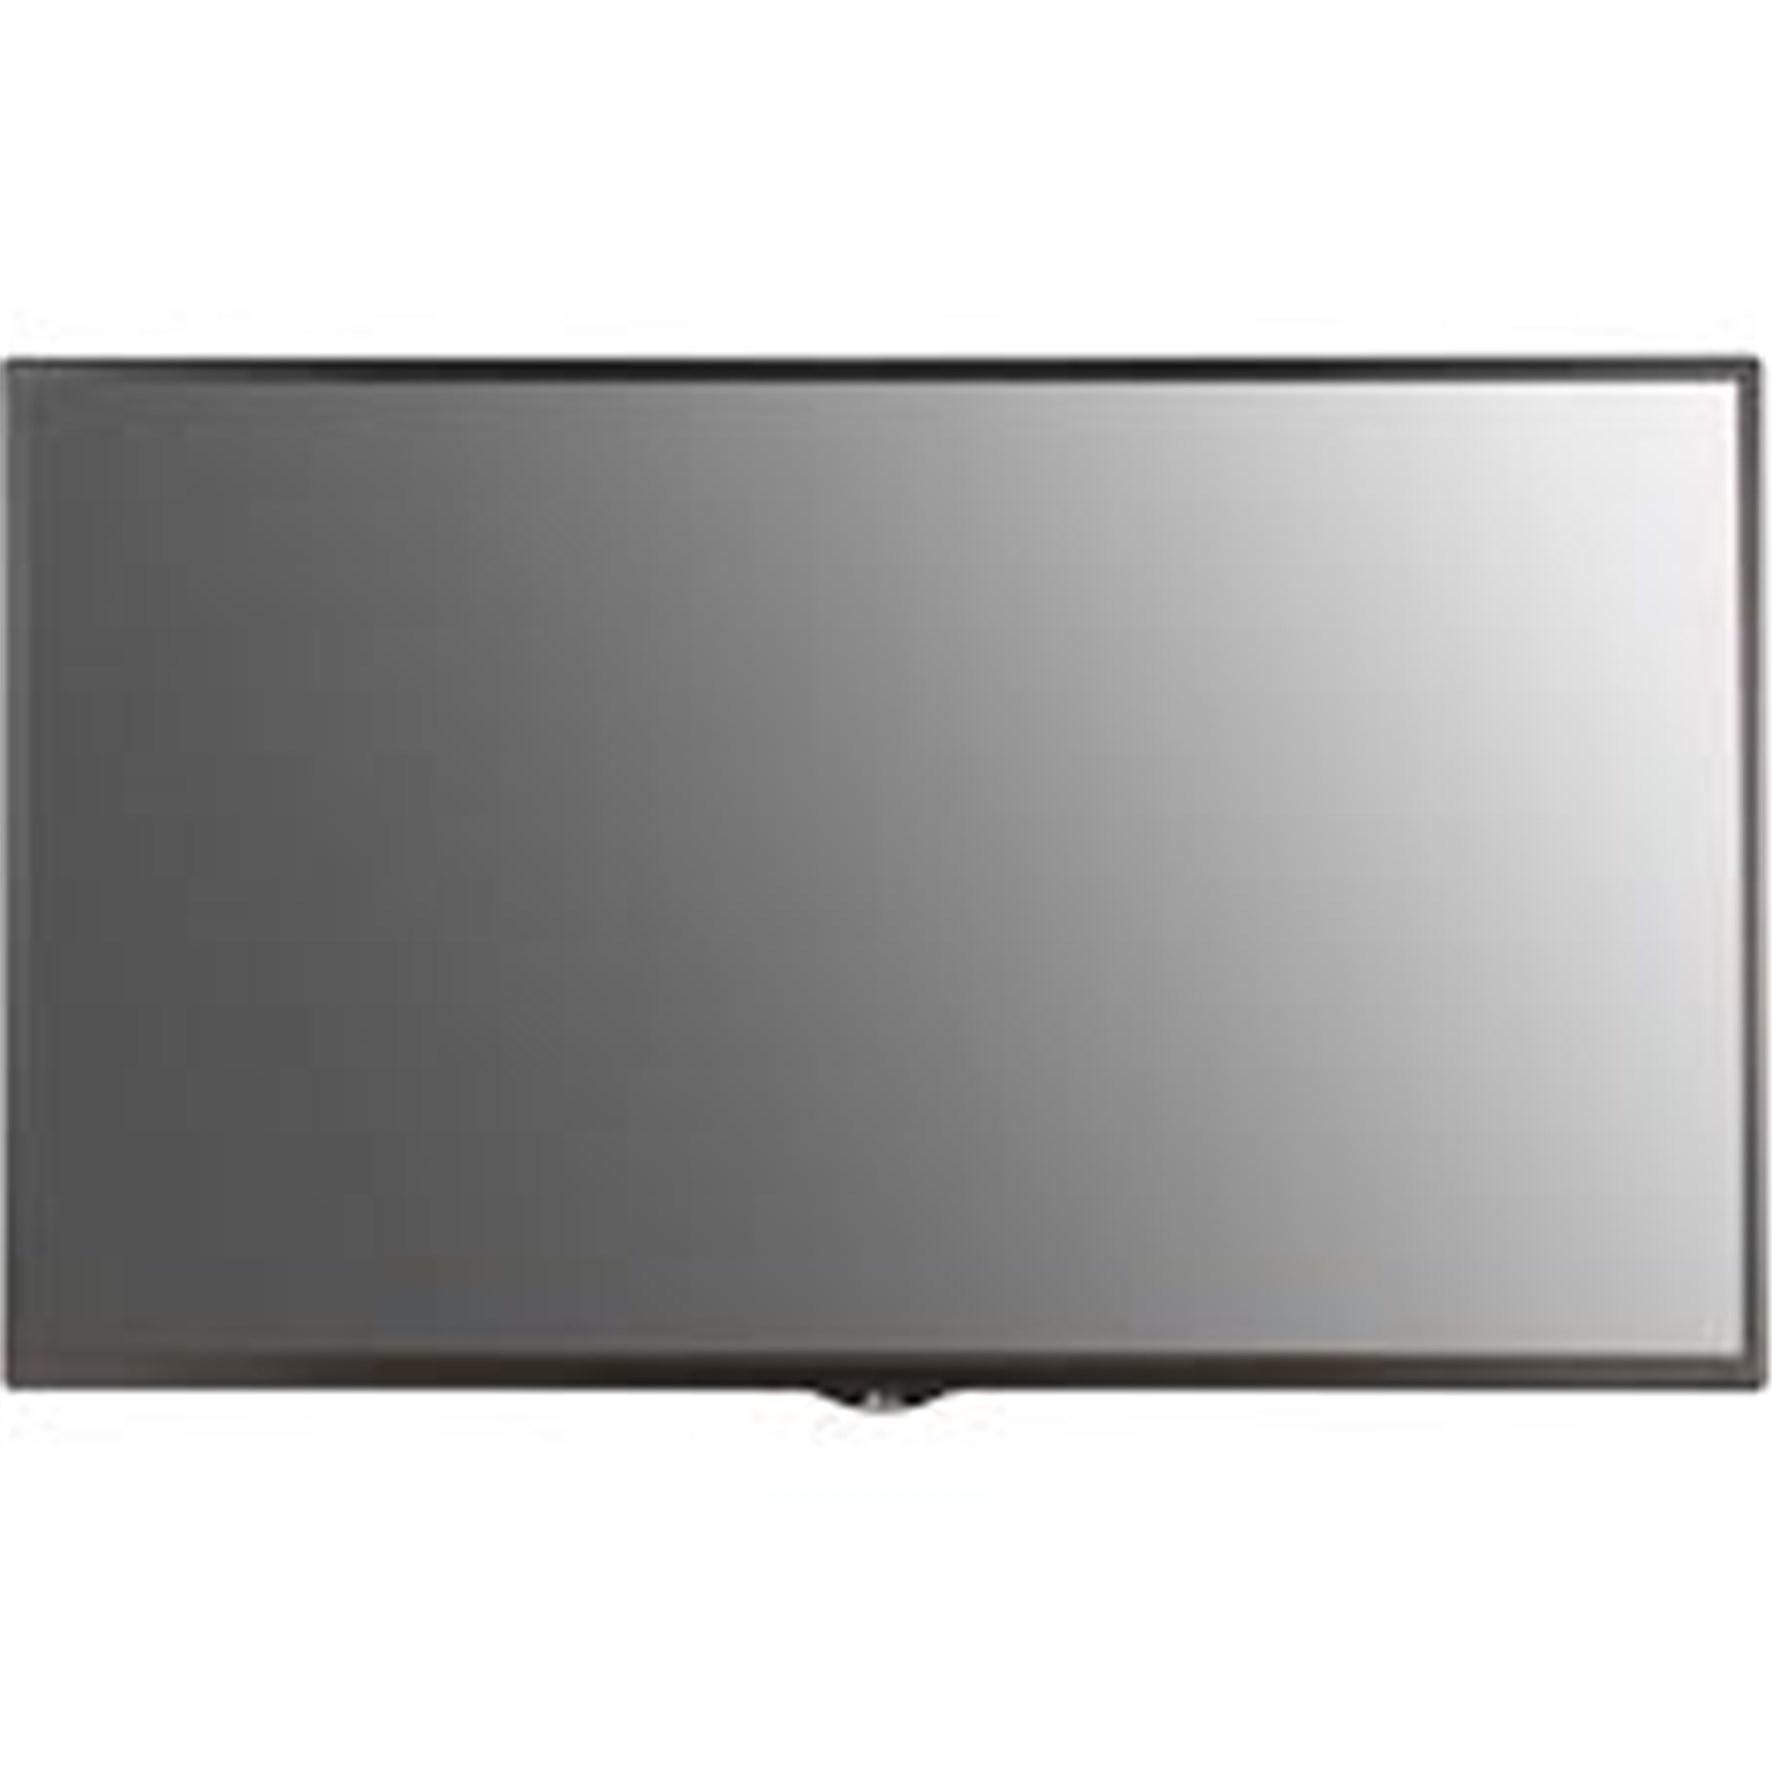 Monitor Profissional LG LED 55